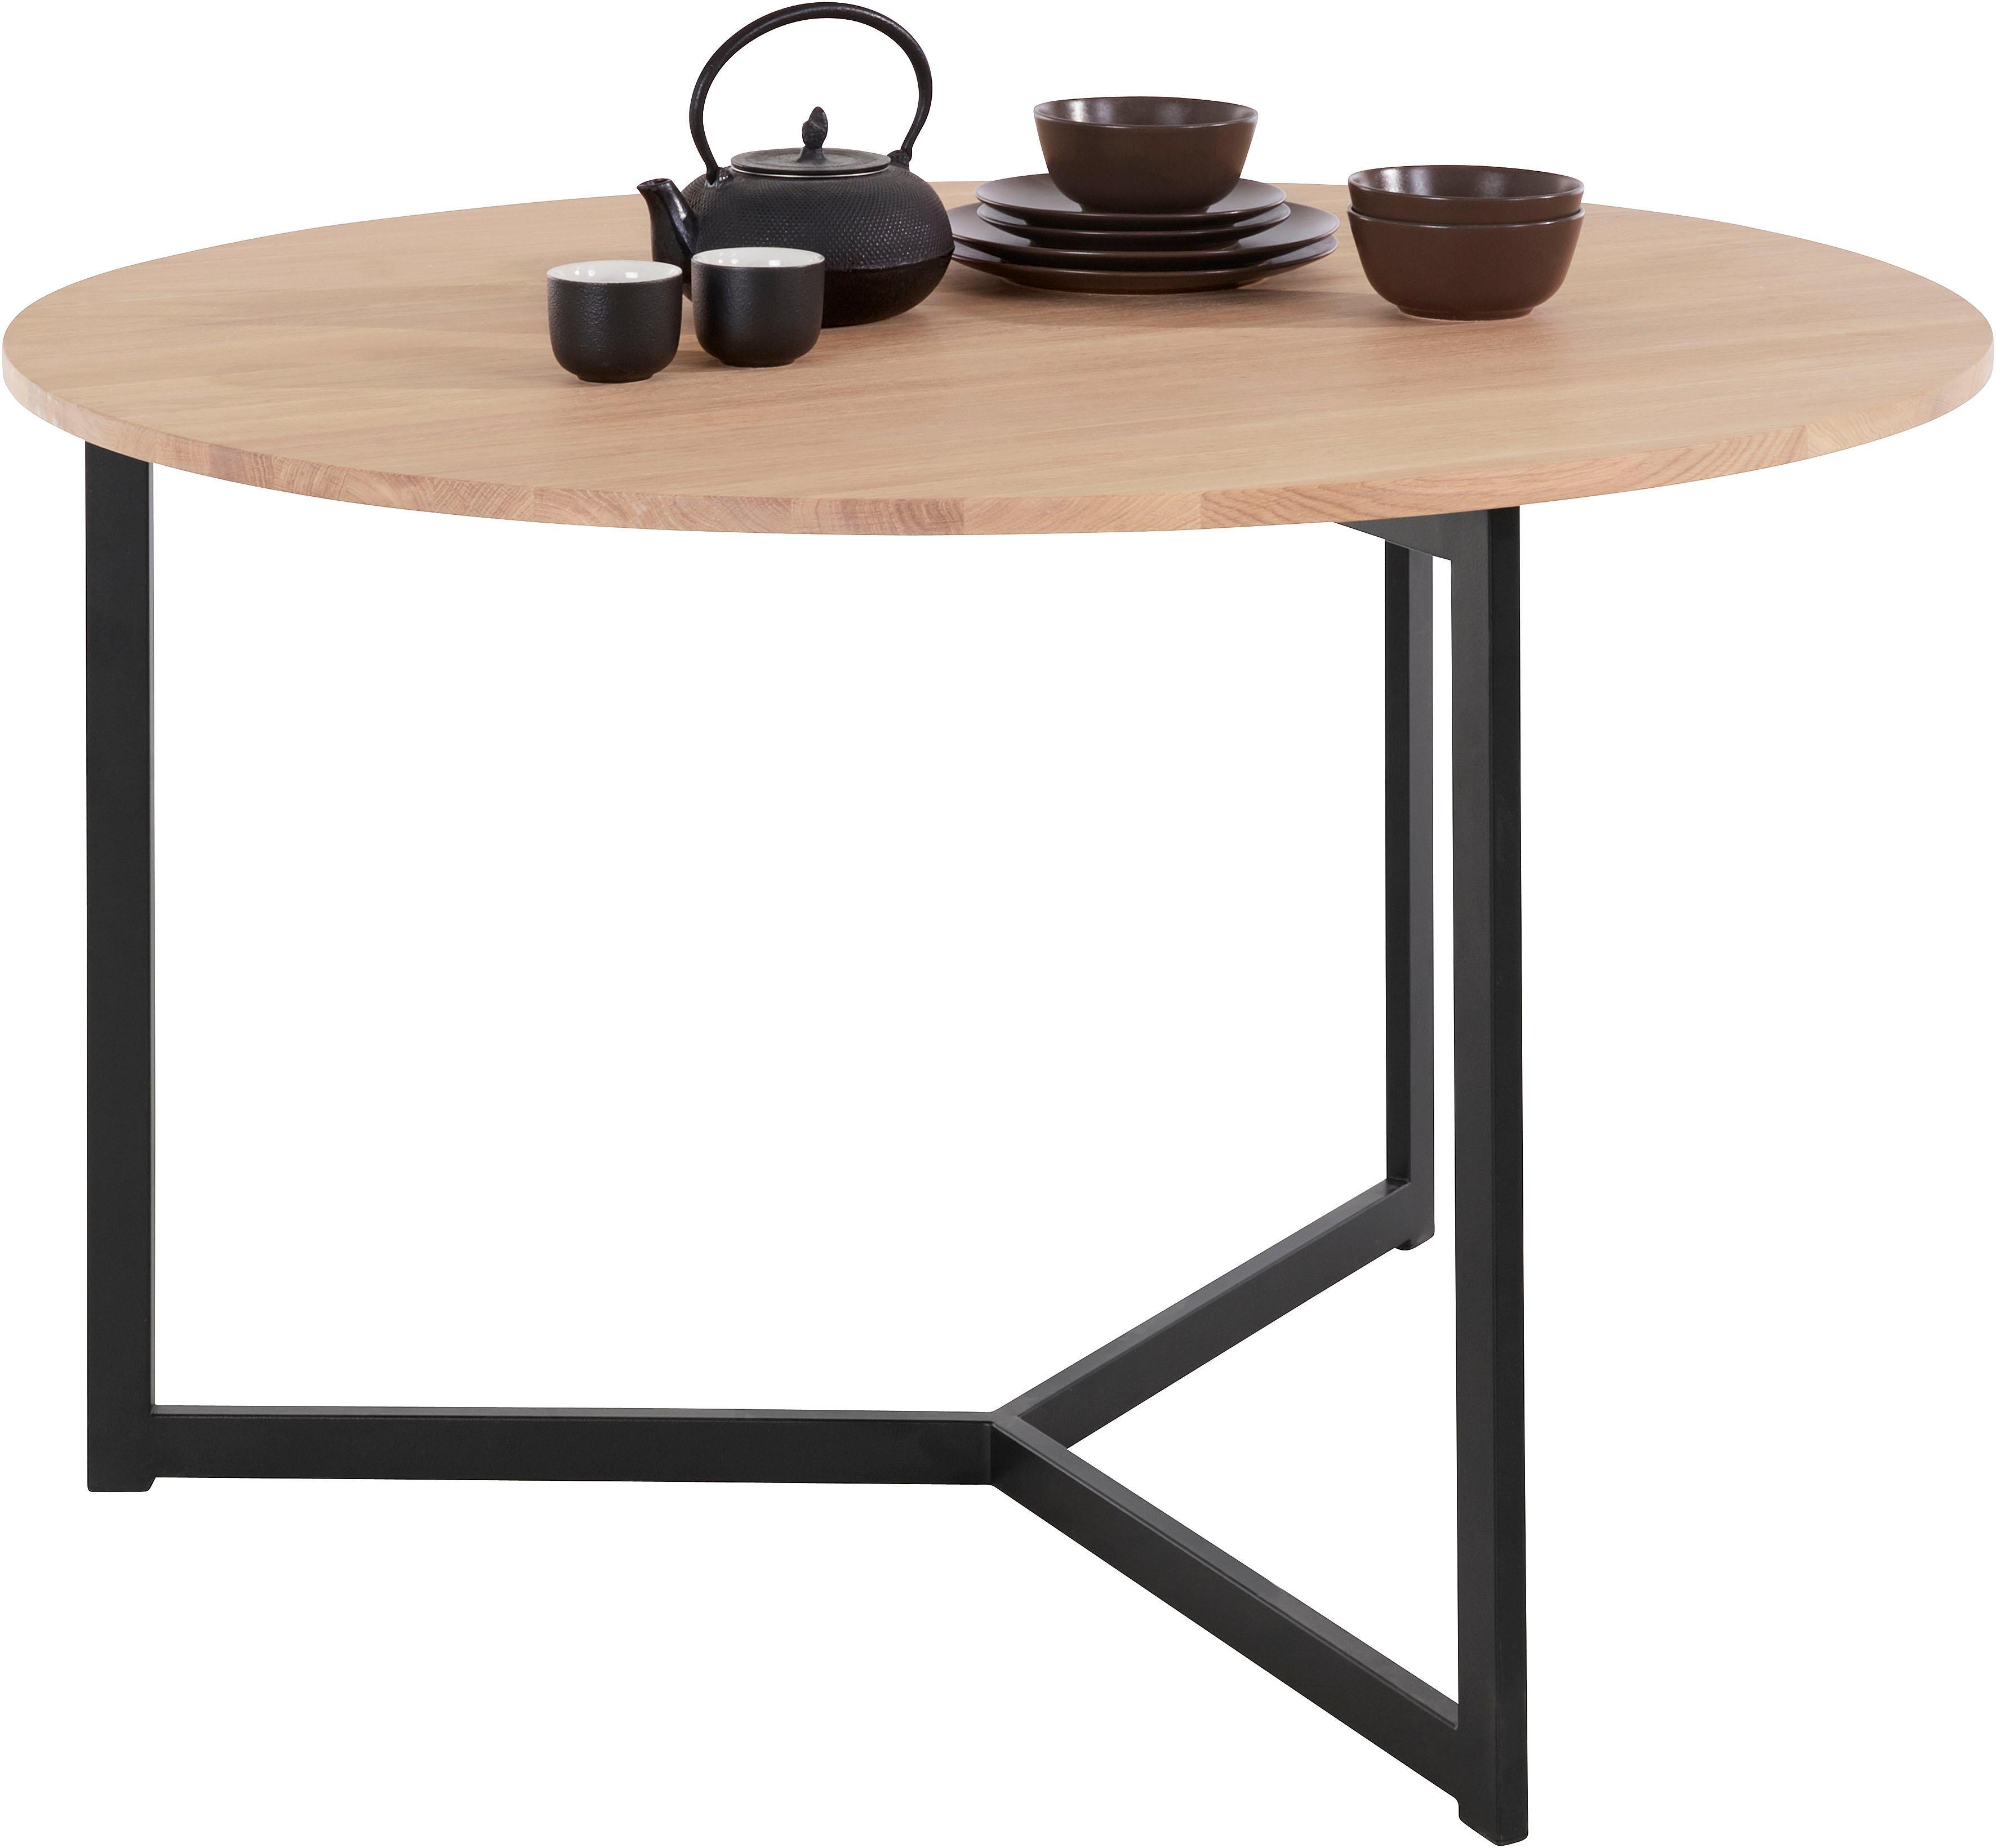 andas Esstisch »Add on«, Breite 120 cm, Design by Anders Nørgaard